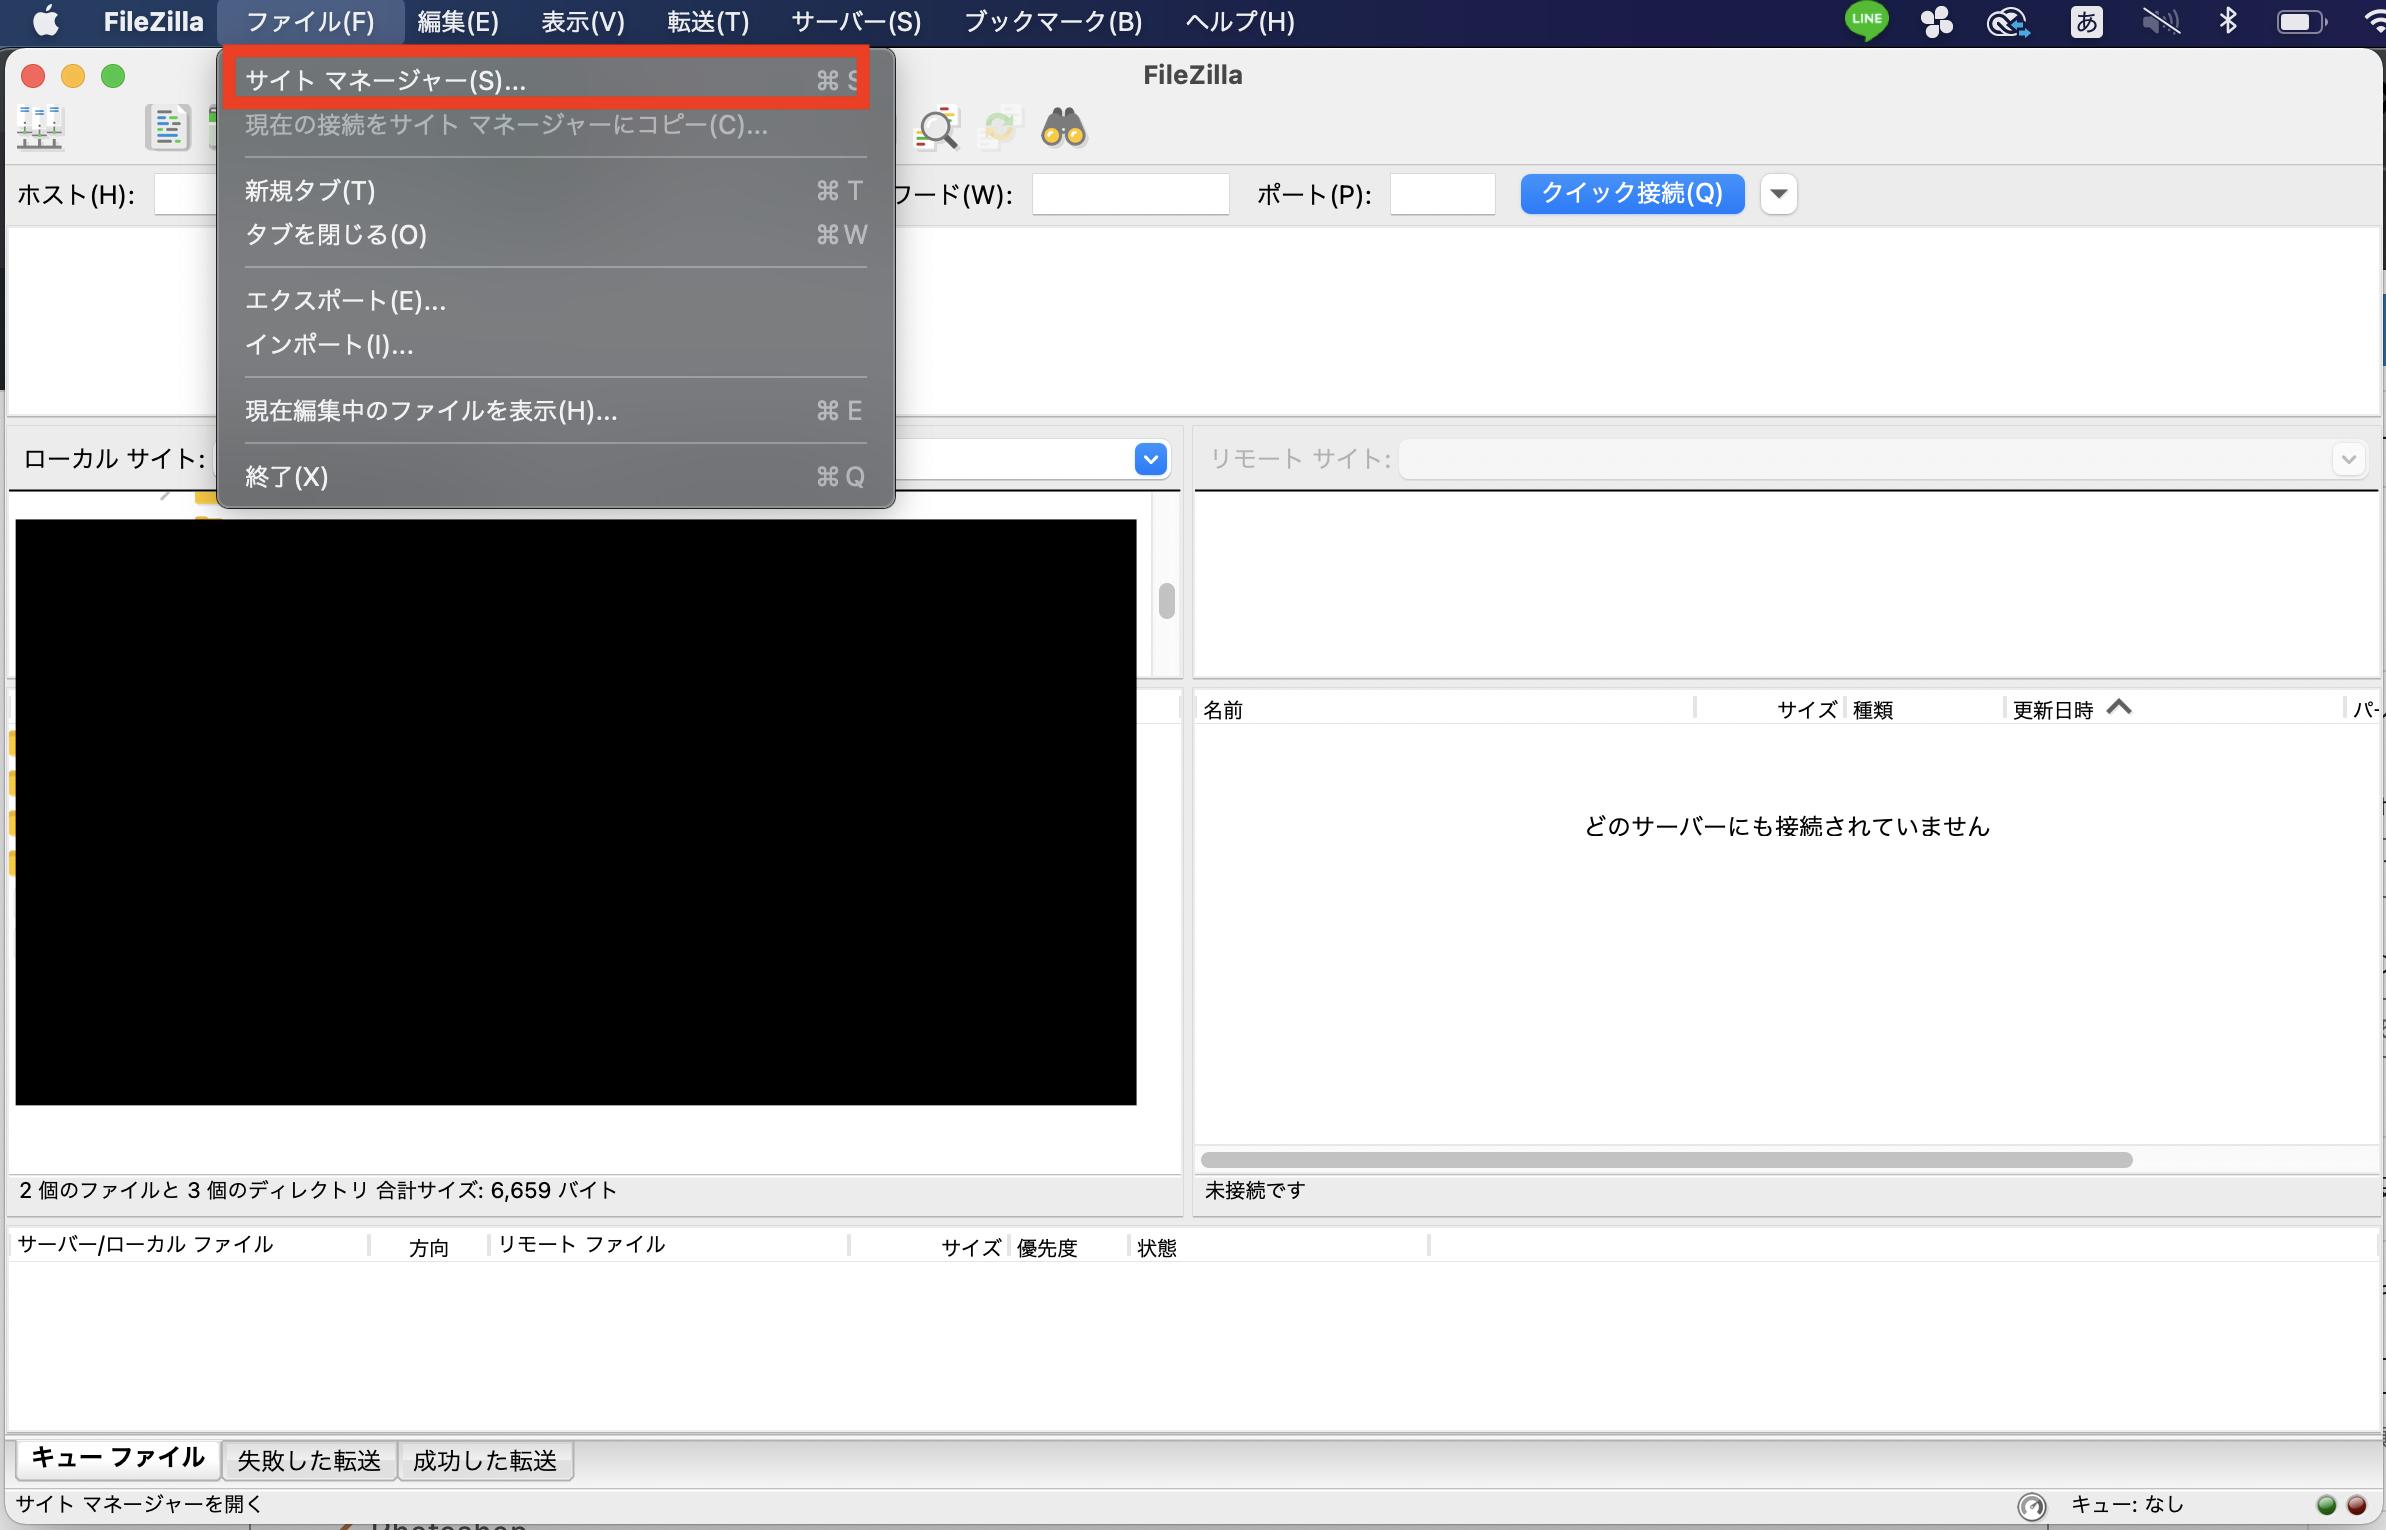 スクリーンショット-2021-06-02-11.00.31